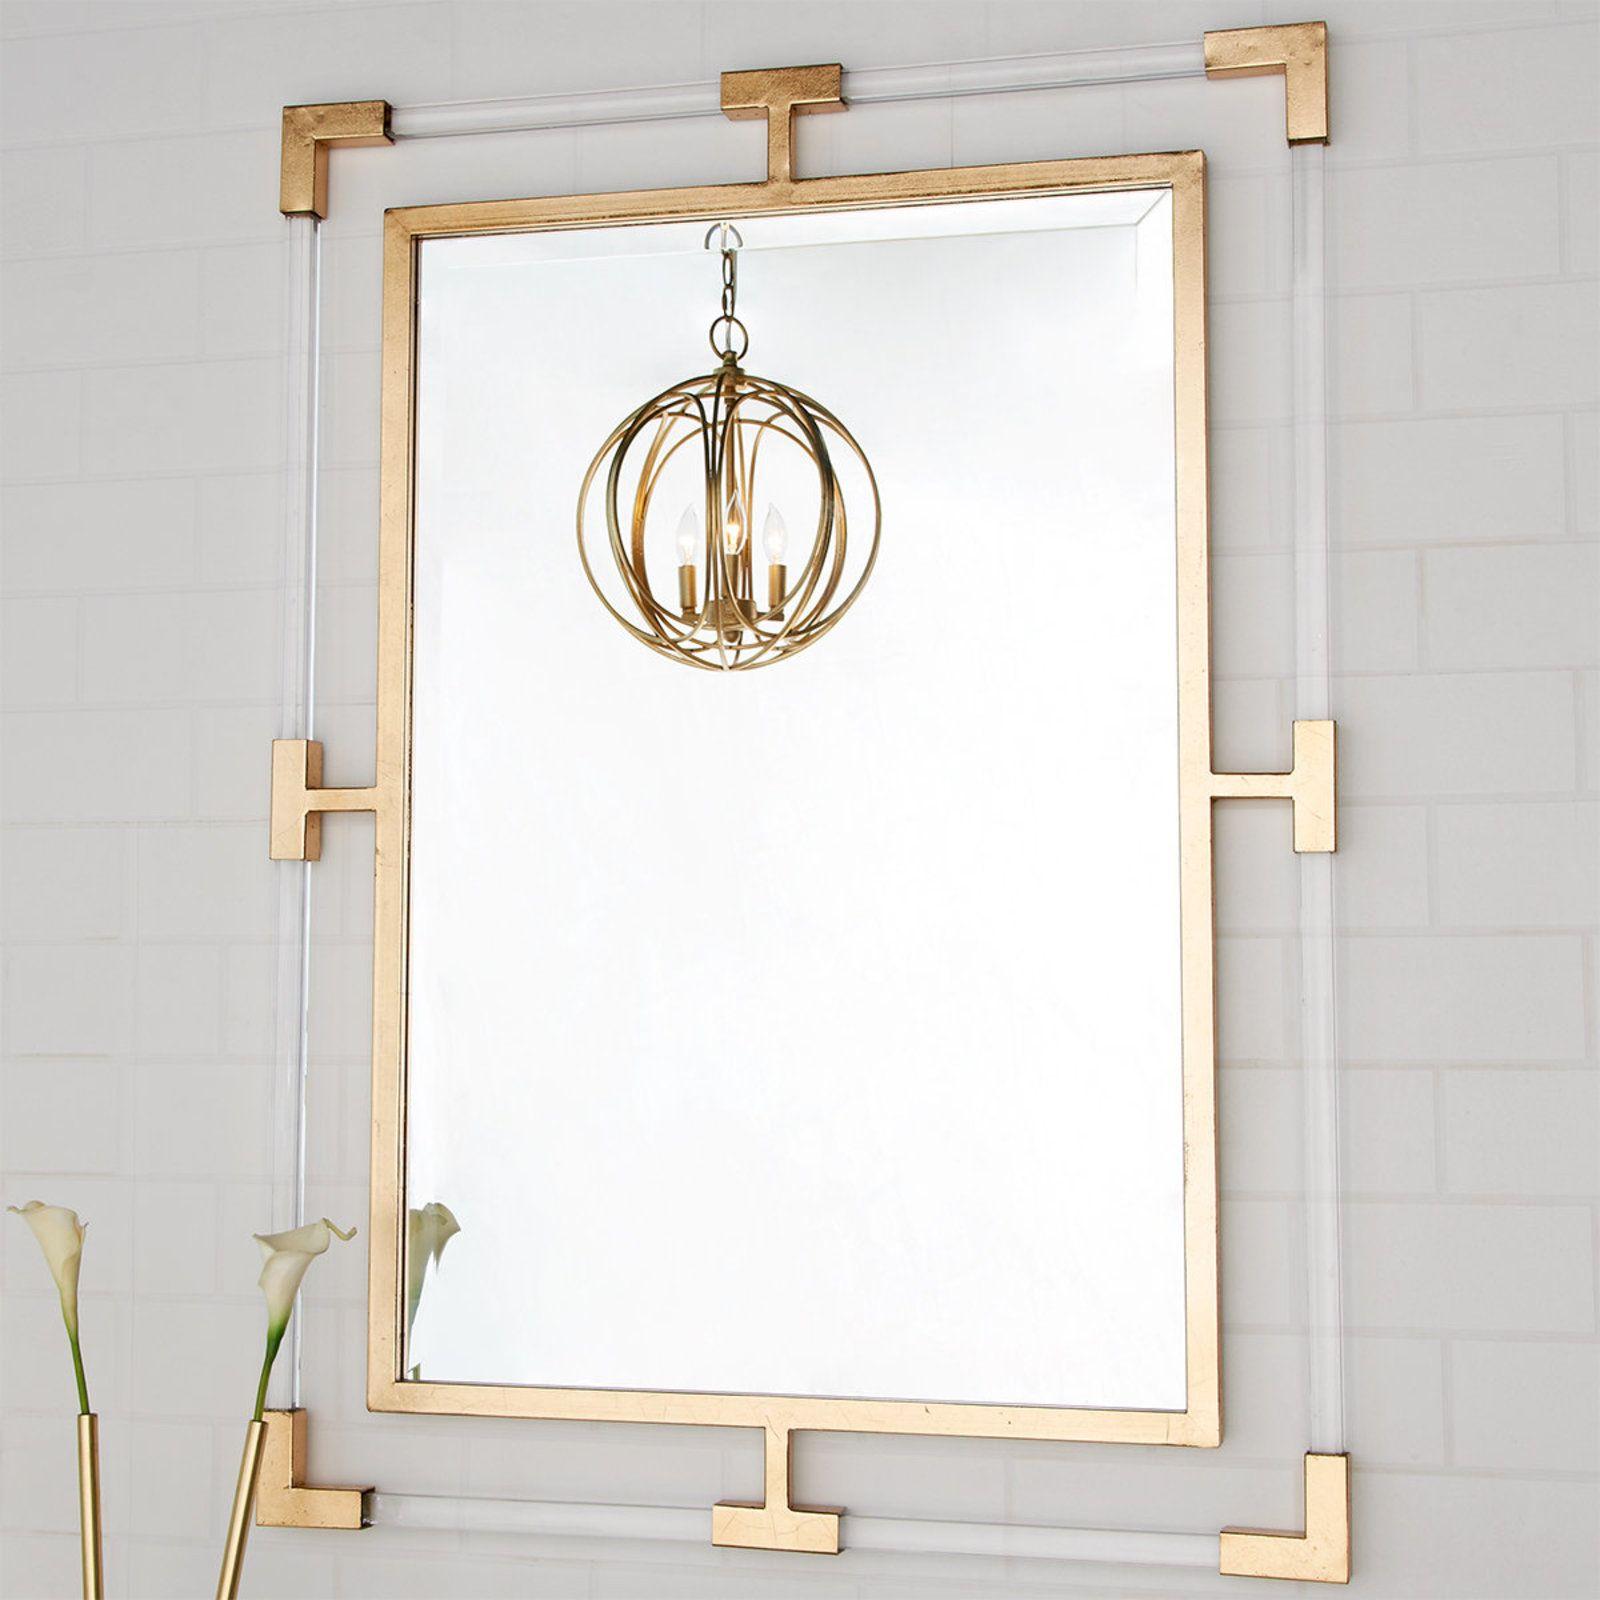 Acrylic Gold Leaf Mirror Gold Framed Mirror Gold Mirror Bathroom Mirror Wall